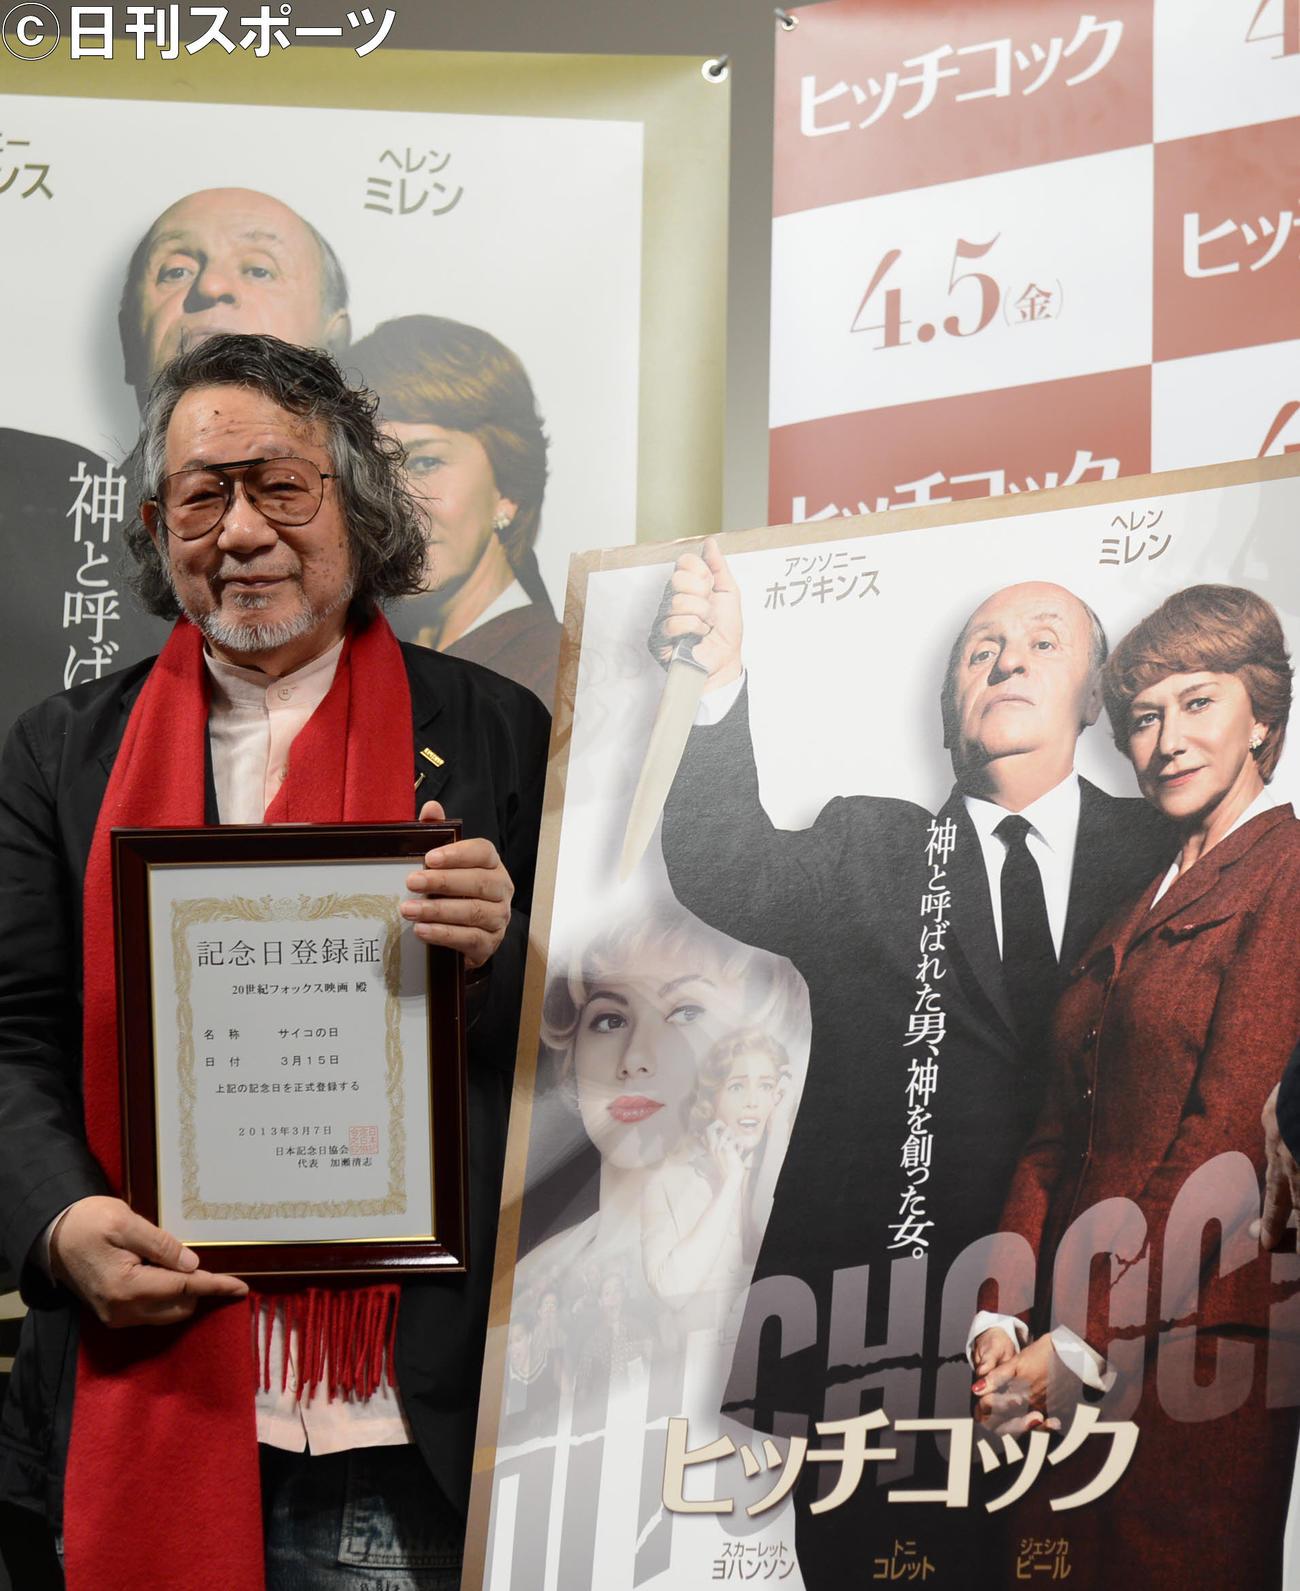 3月15日が「サイコの日」に認定され、認定証を手にする大林宣彦監督(2013年3月14日撮影)